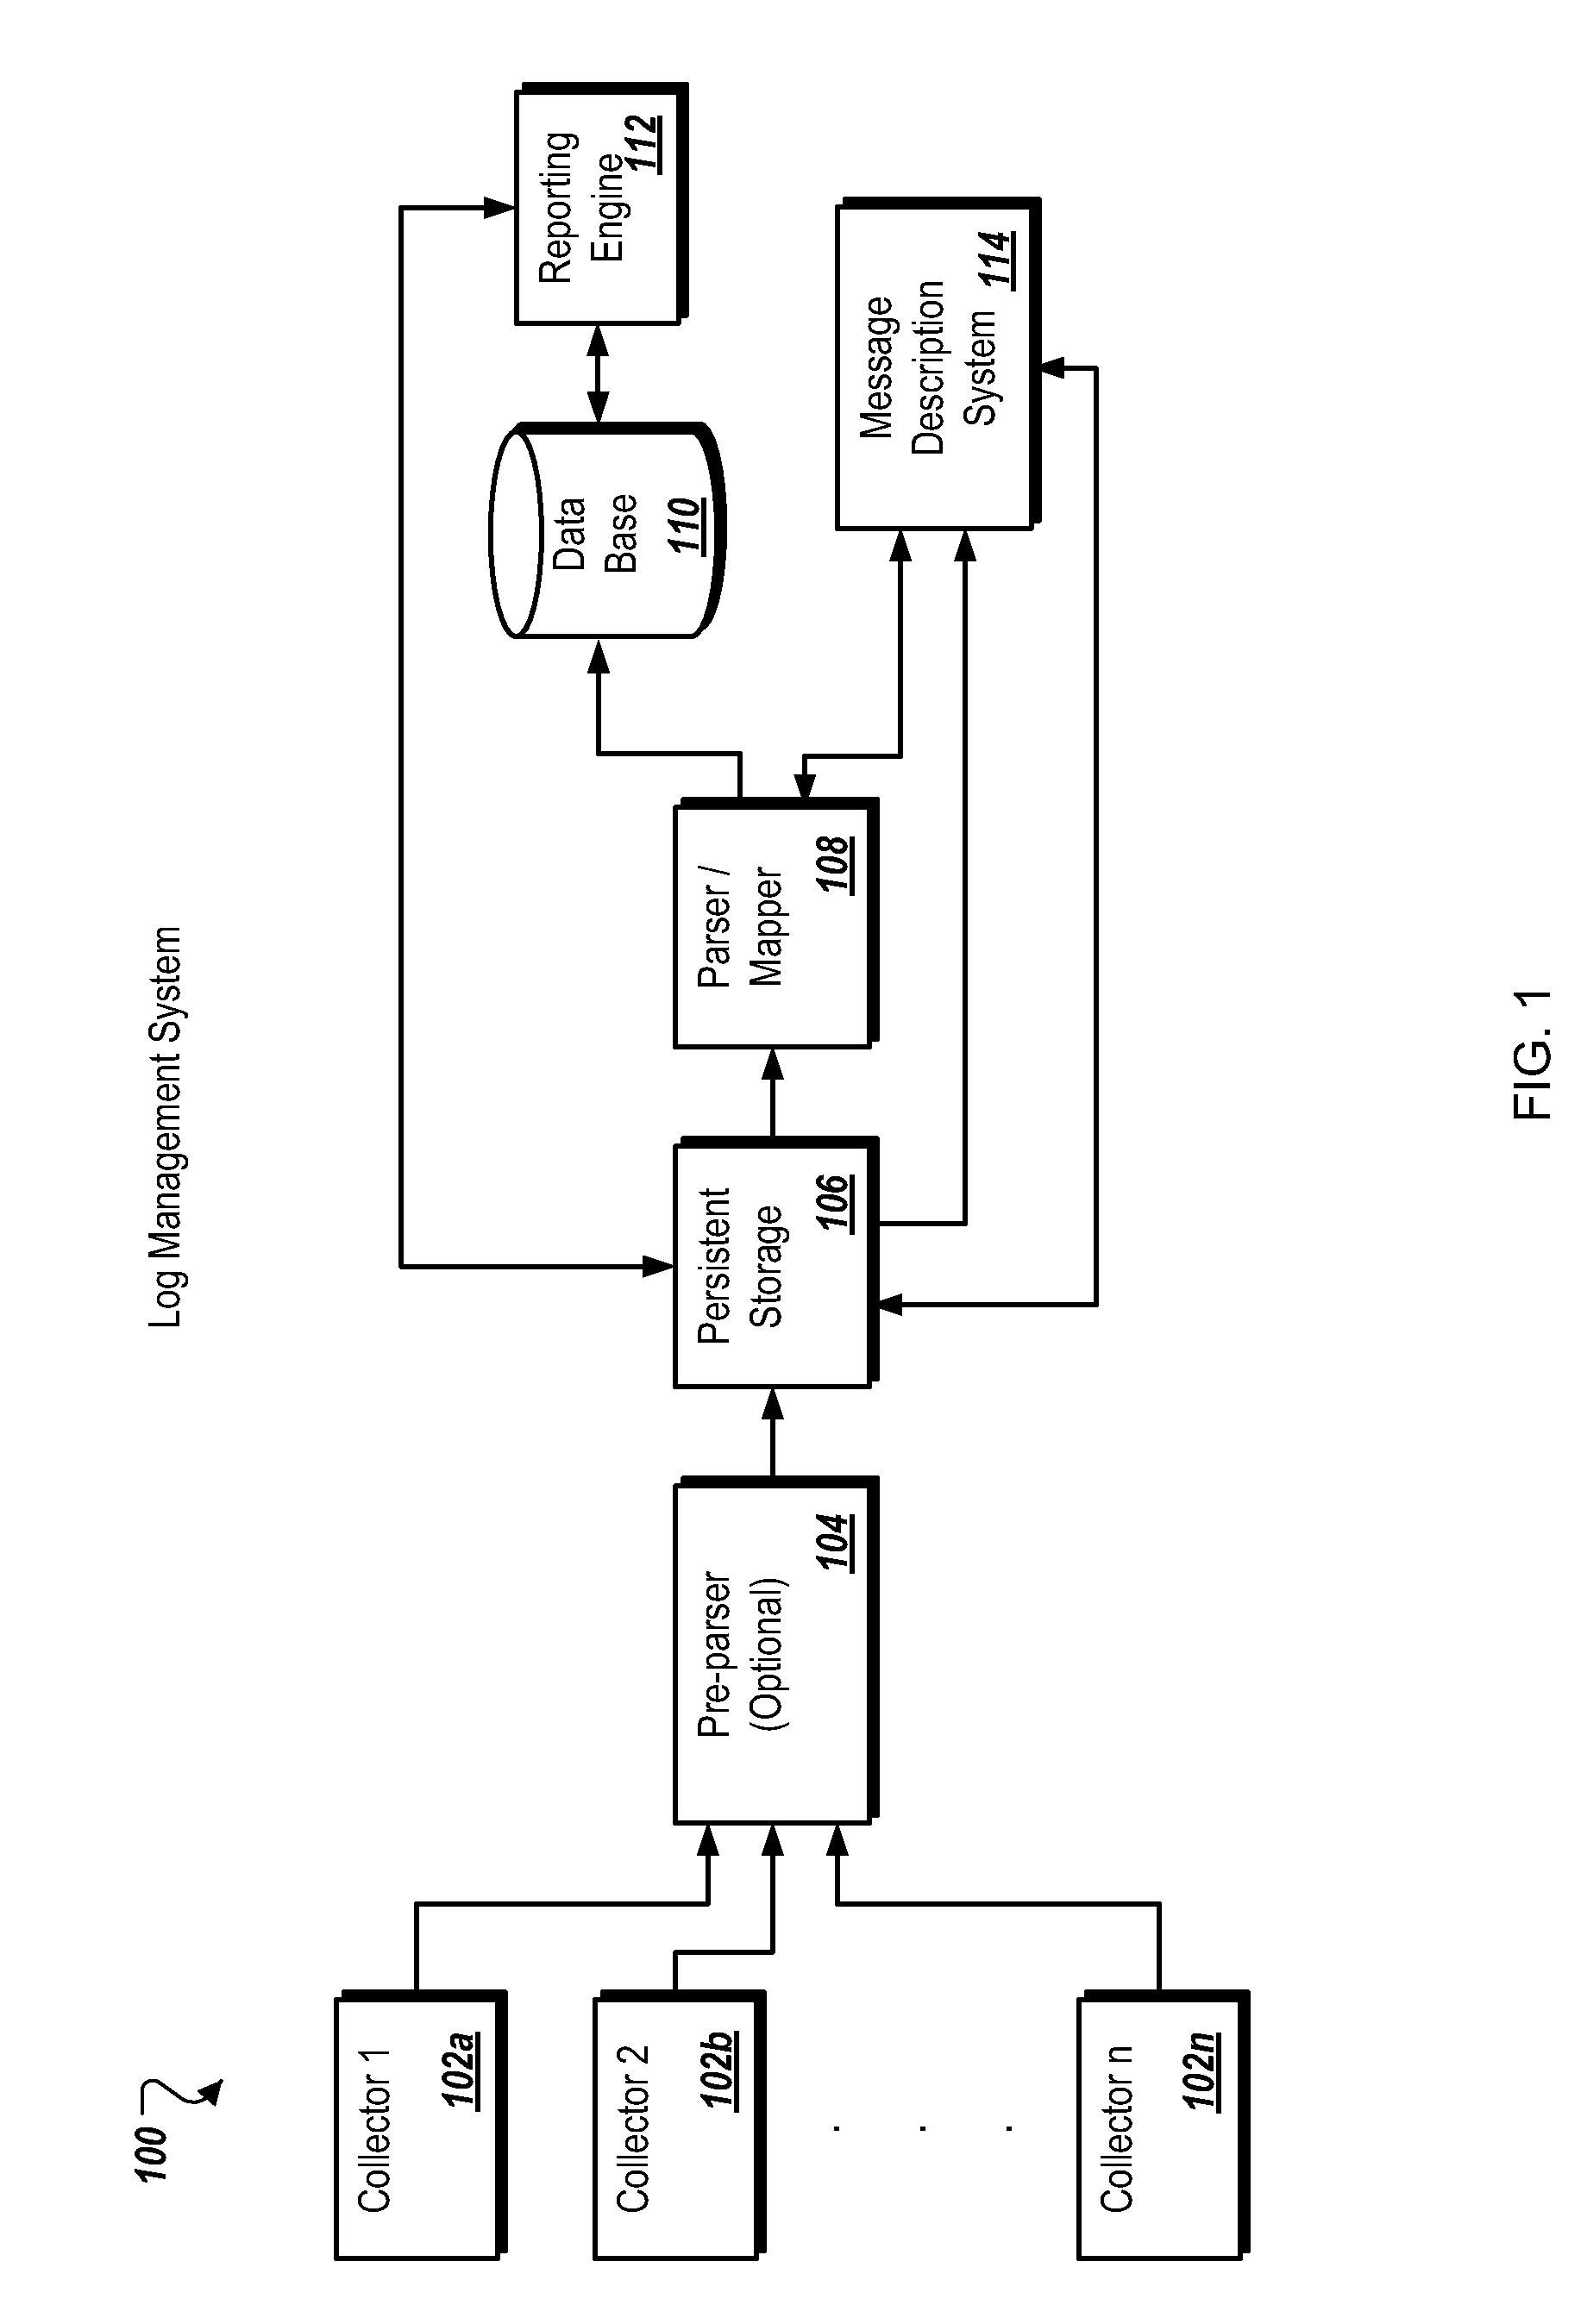 Patent US20110035390 - Message Descriptions - Google Patents